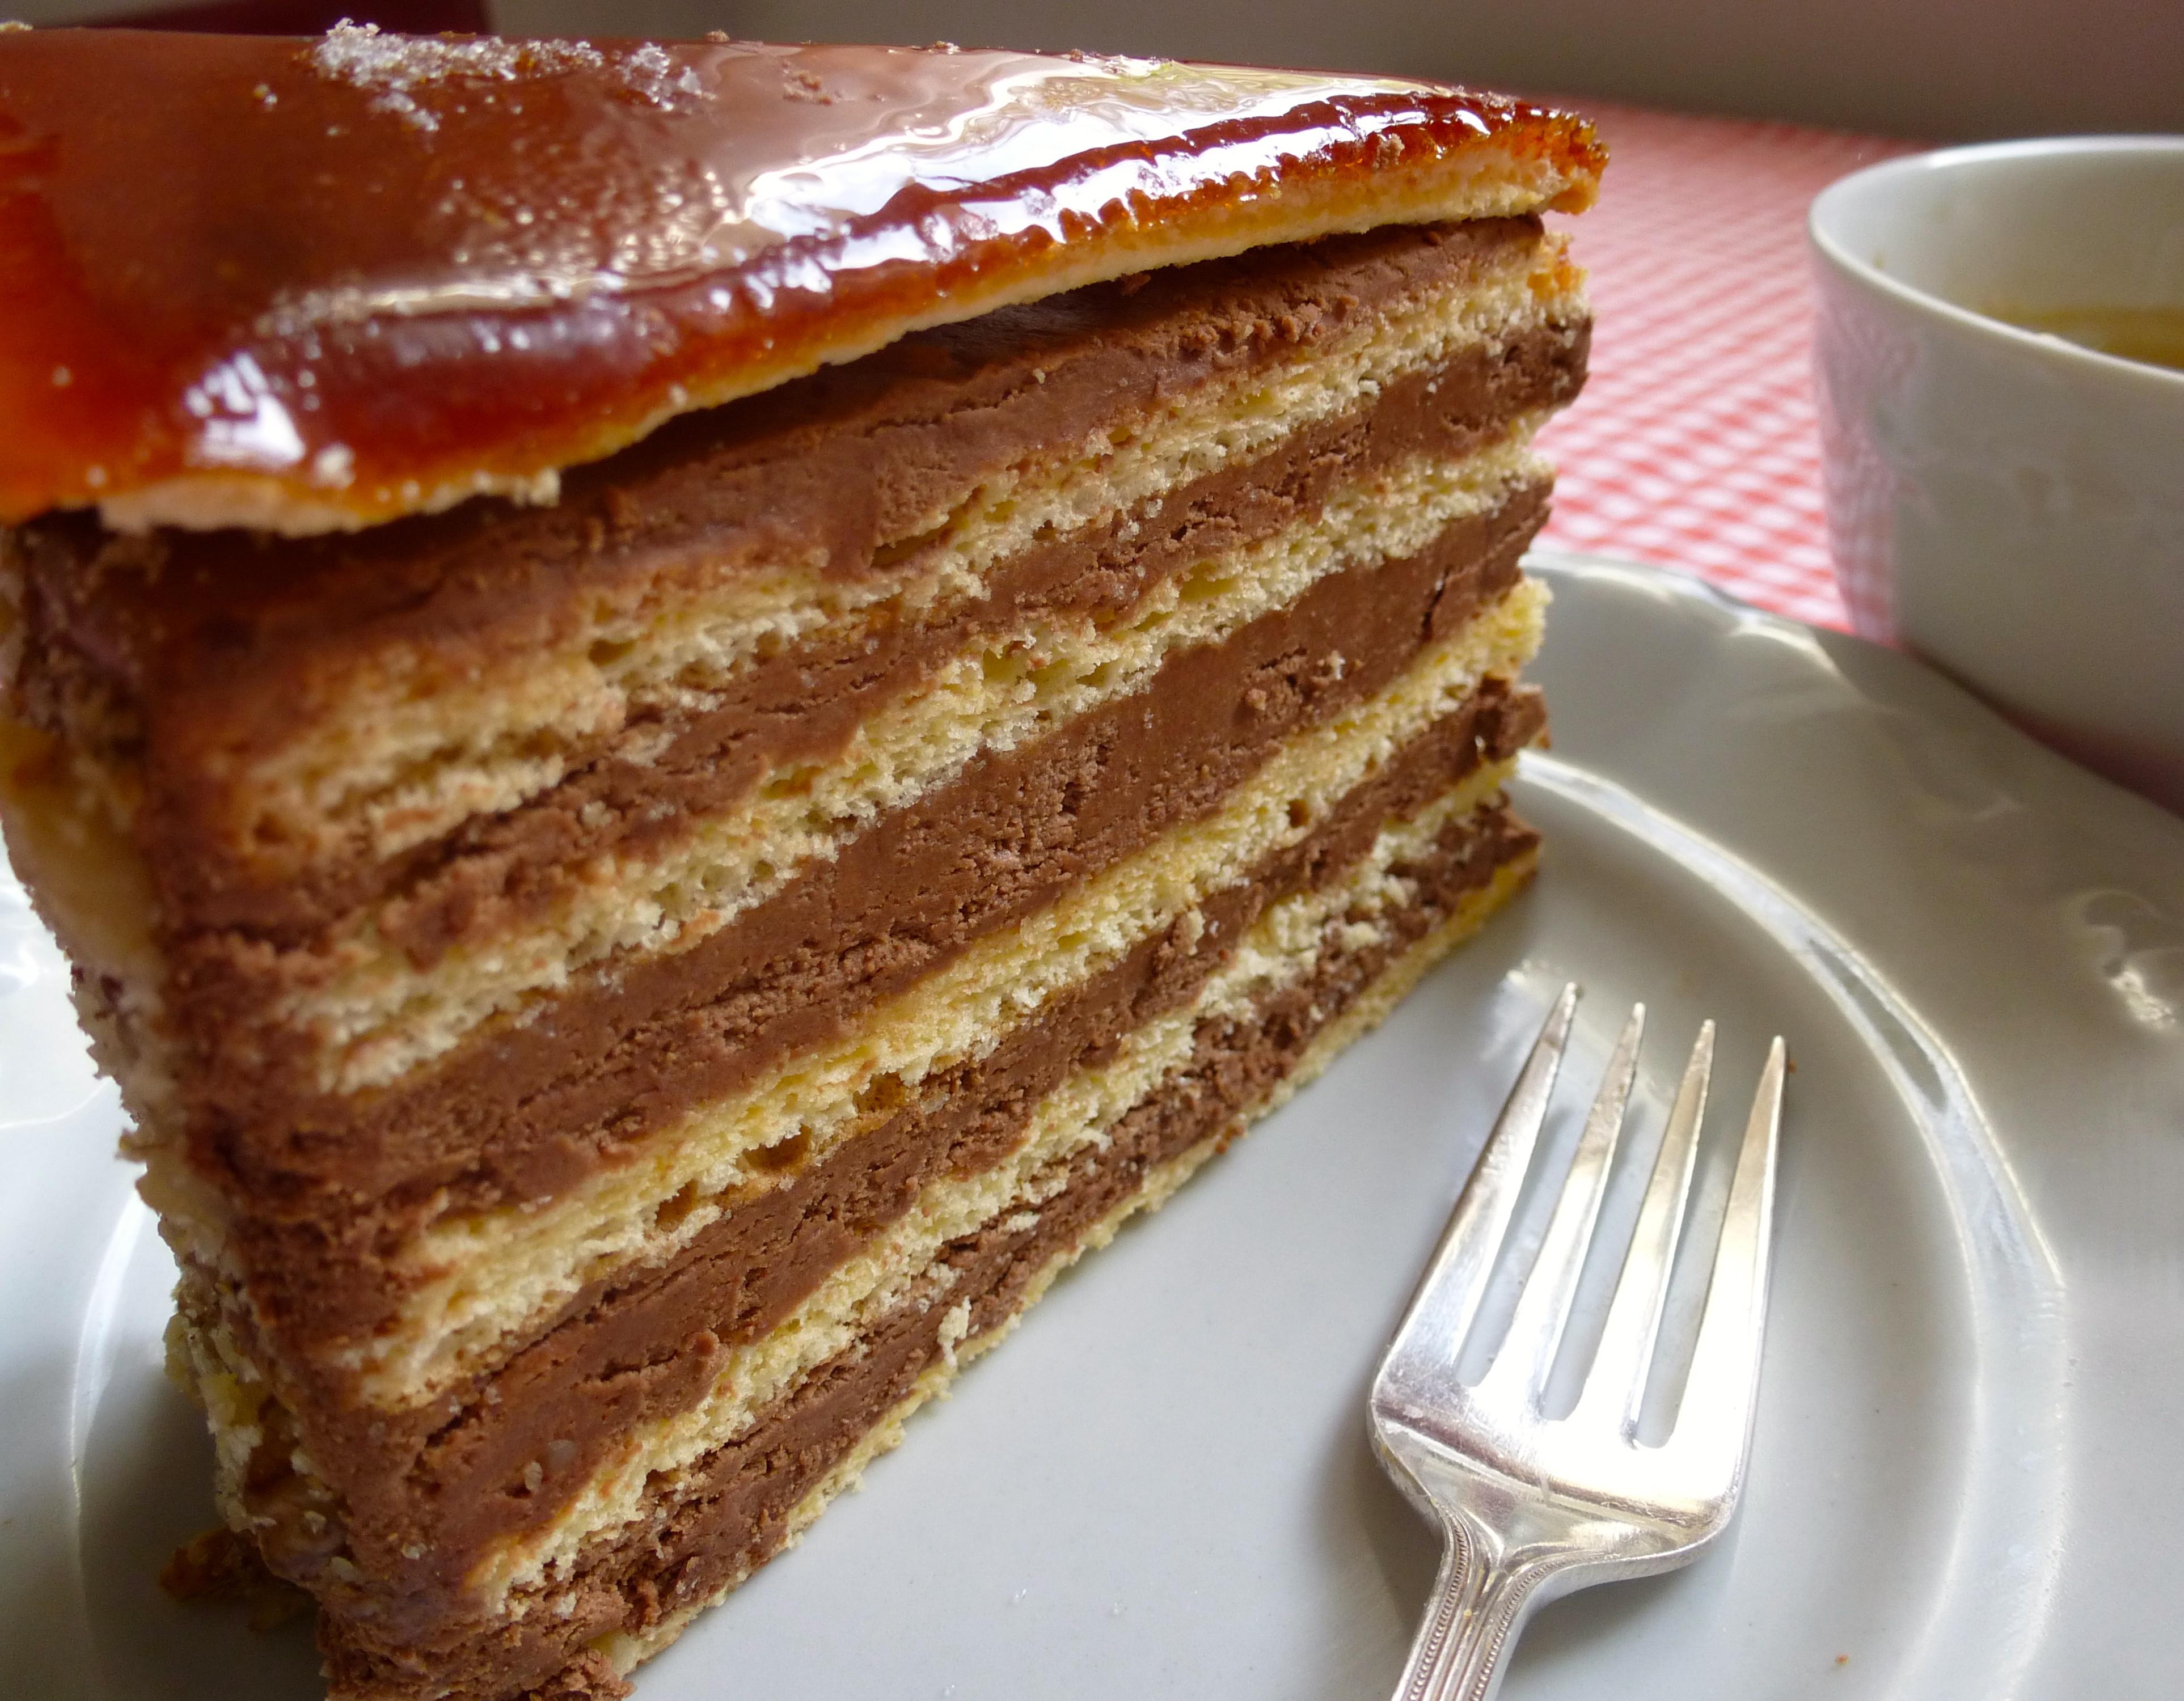 ... dobos torte dobos torte ah finally cake dobos dobos torta dobos torte